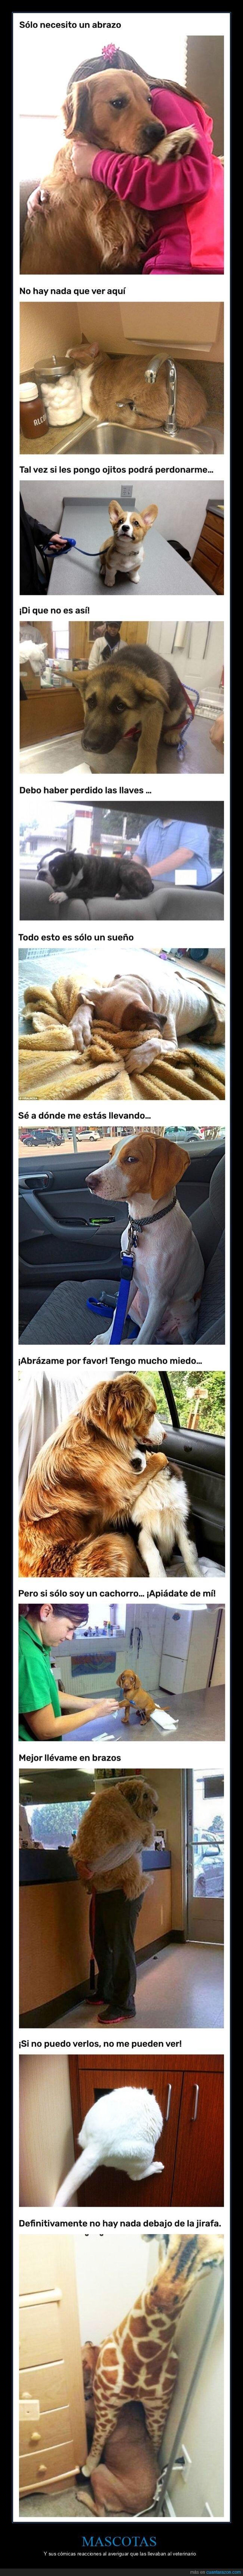 mascotas,reacciones,veterinario